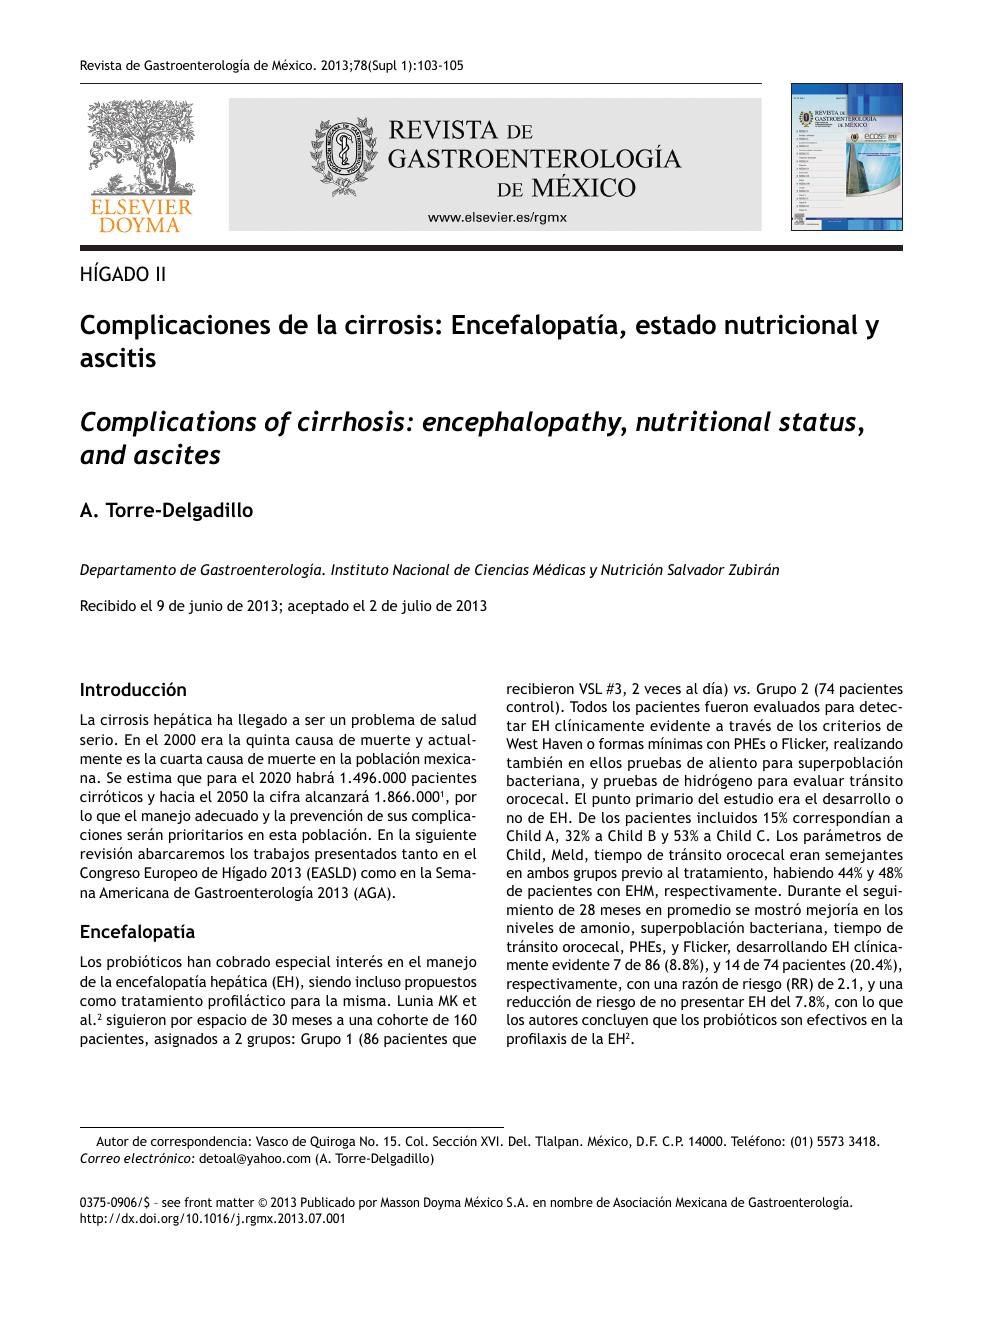 Encefalopatía hepática manejo dietético de la hipertensión